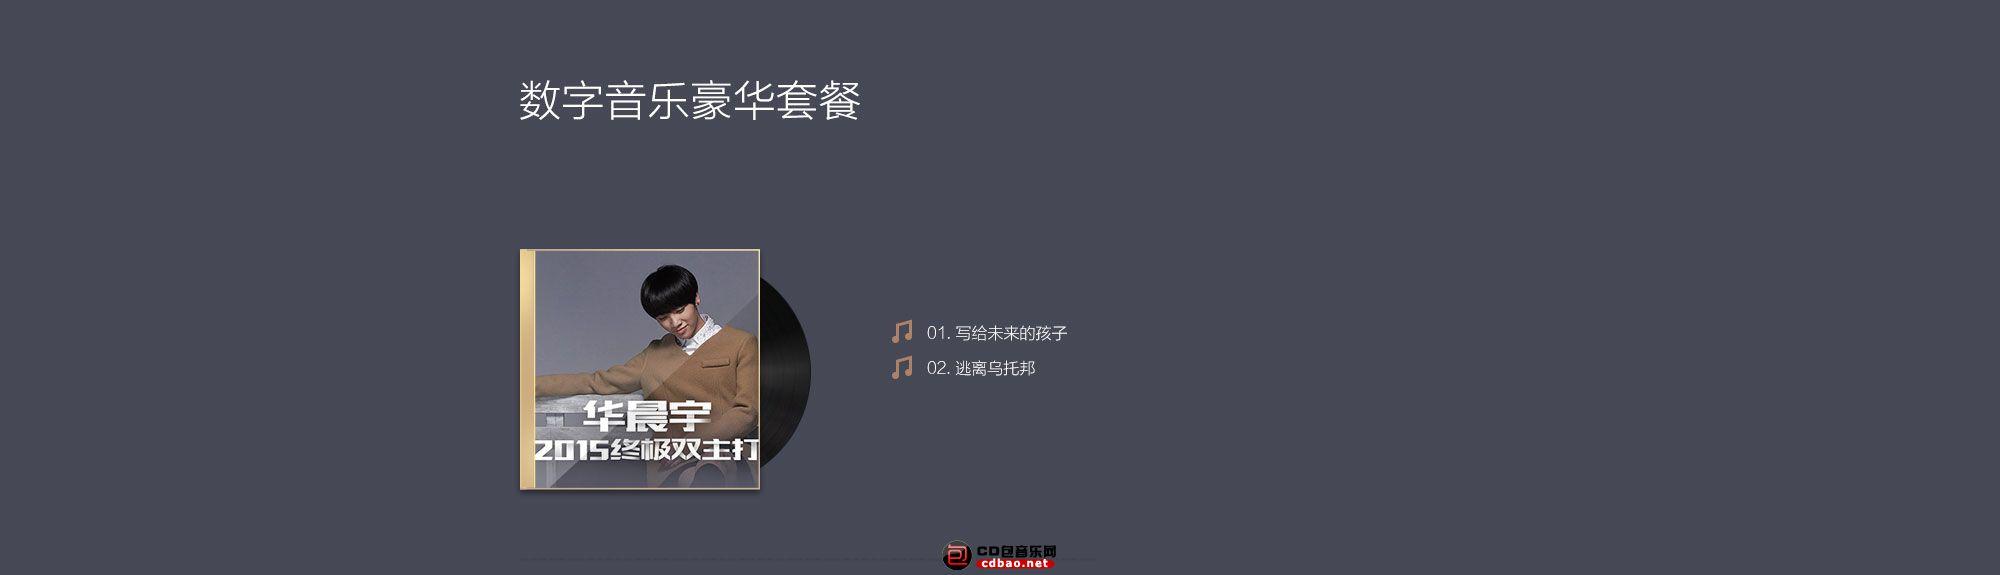 《华晨宇2015终极双主打》迷你数字专辑标题3.jpg